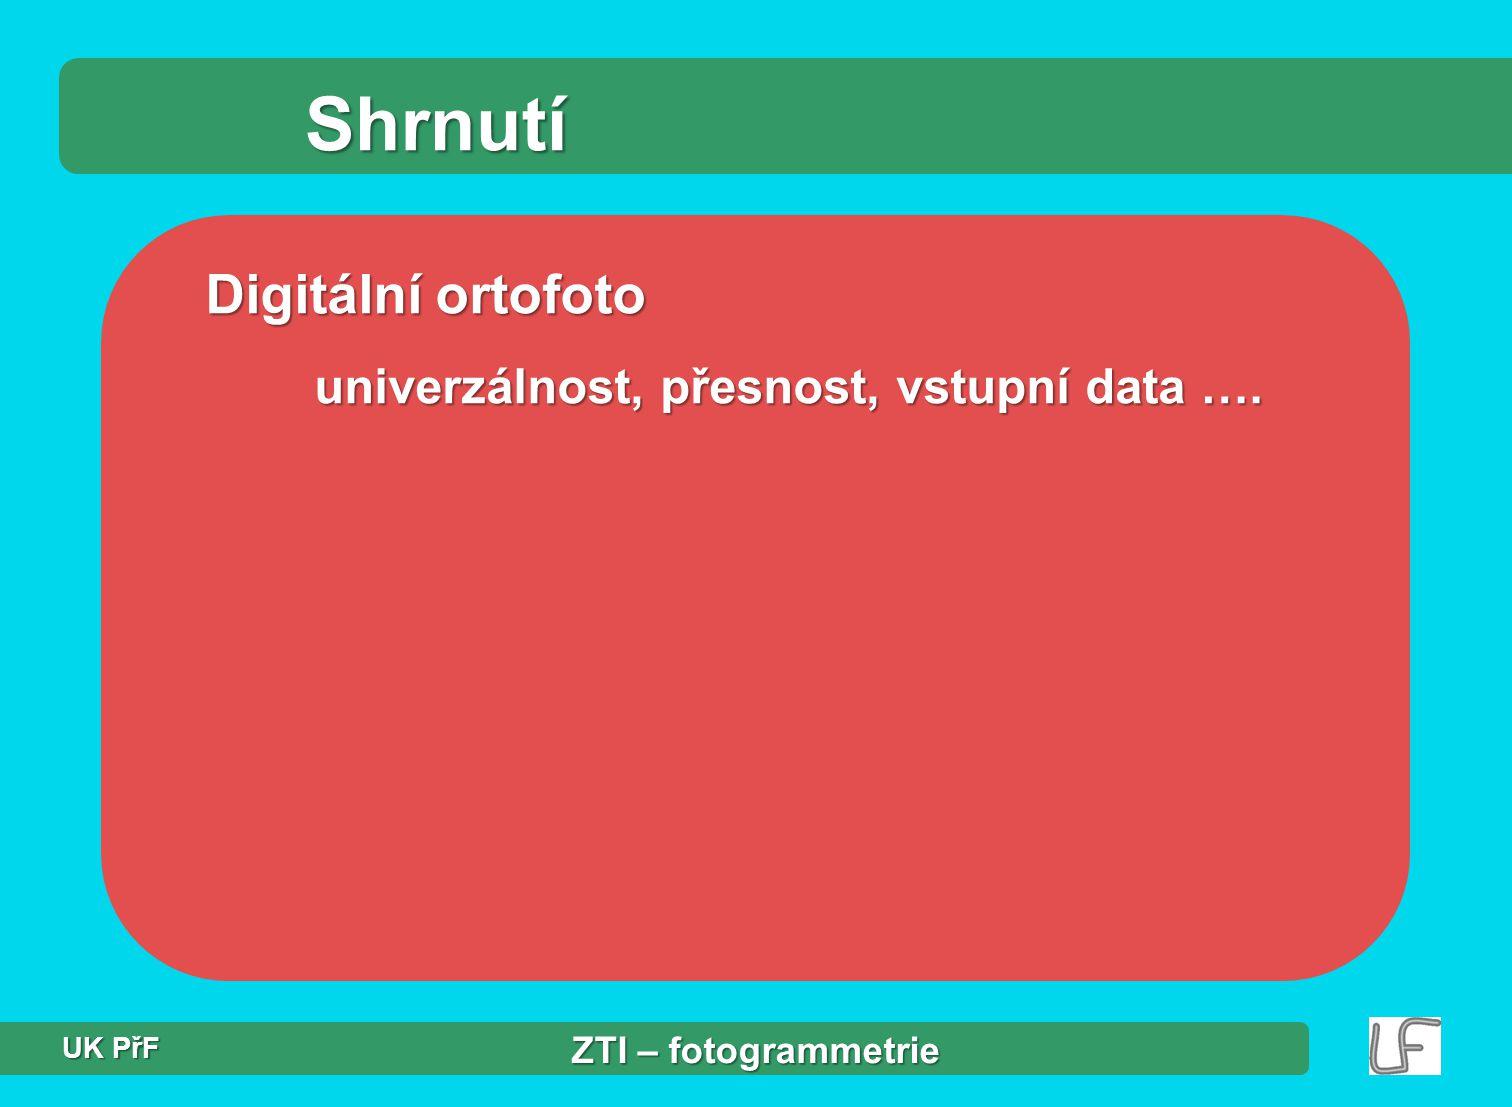 Shrnutí Digitální ortofoto univerzálnost, přesnost, vstupní data ….